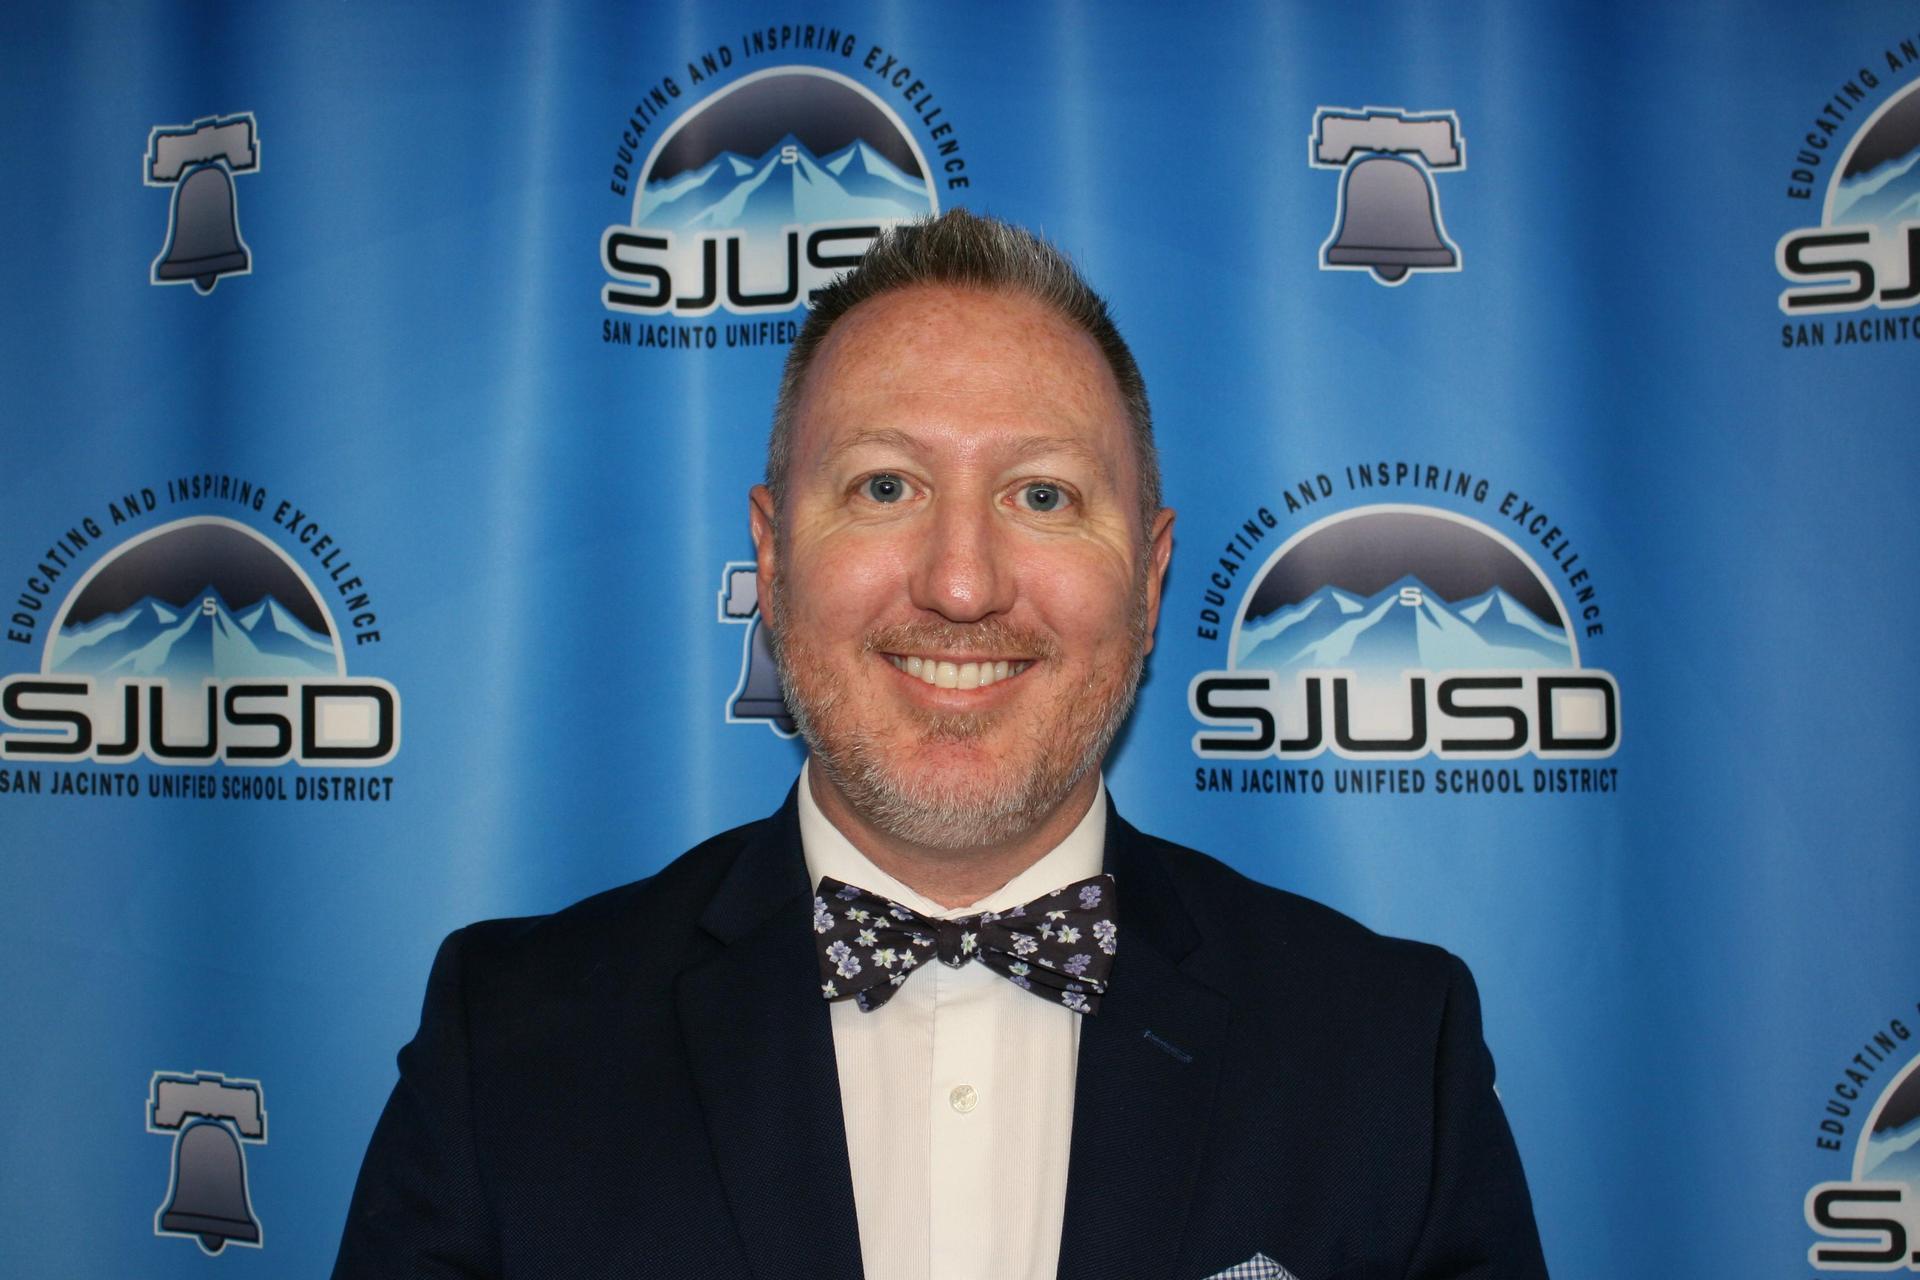 John Roach, Assistant Superintendent